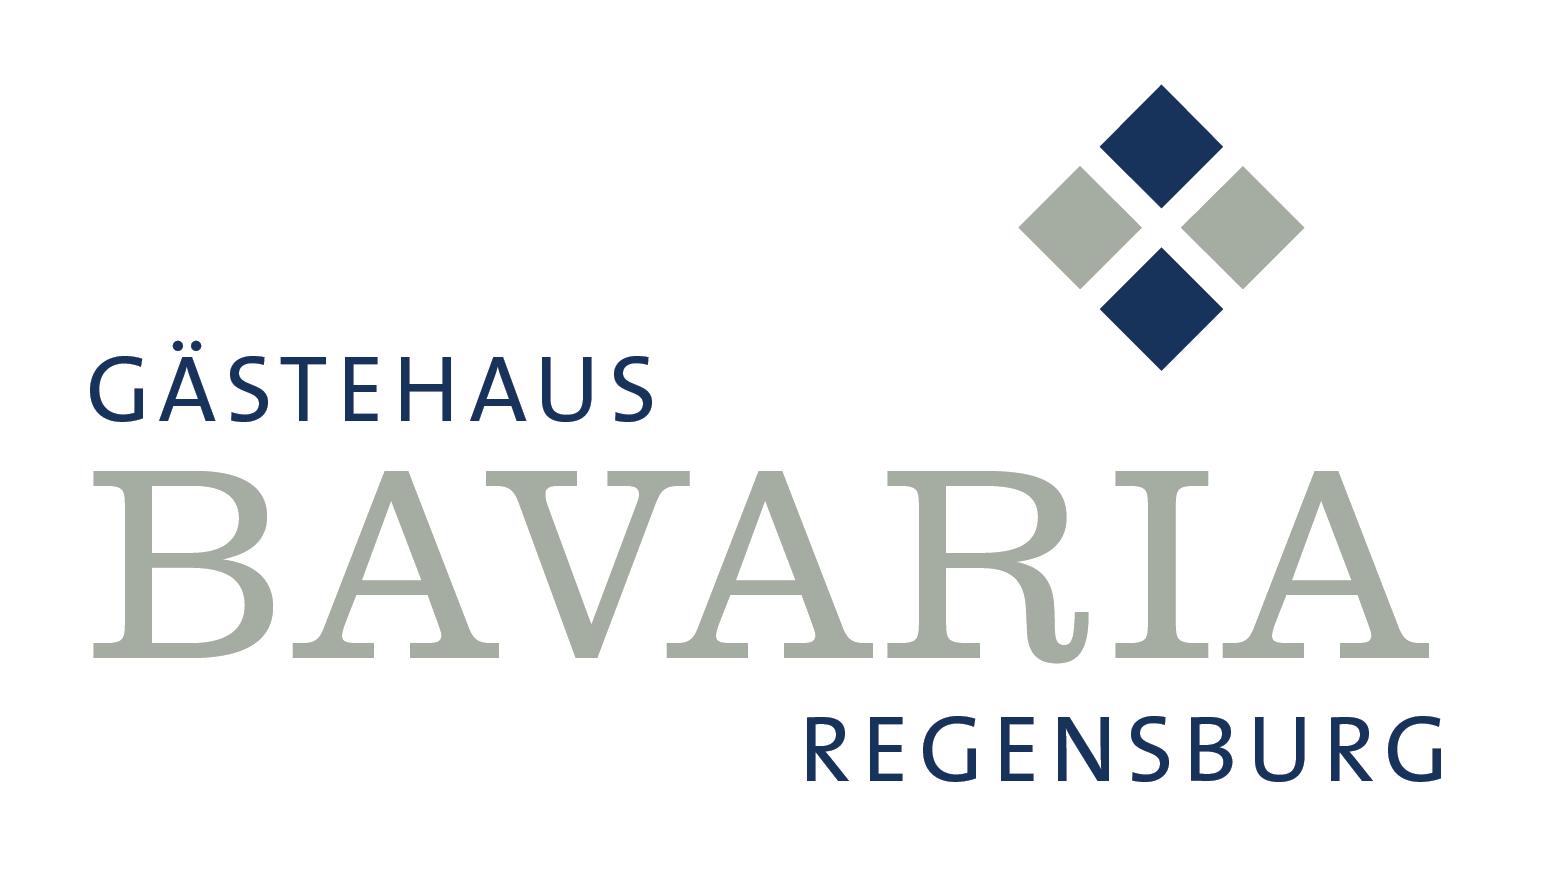 Gaestehaus Bavaria in Regensburg